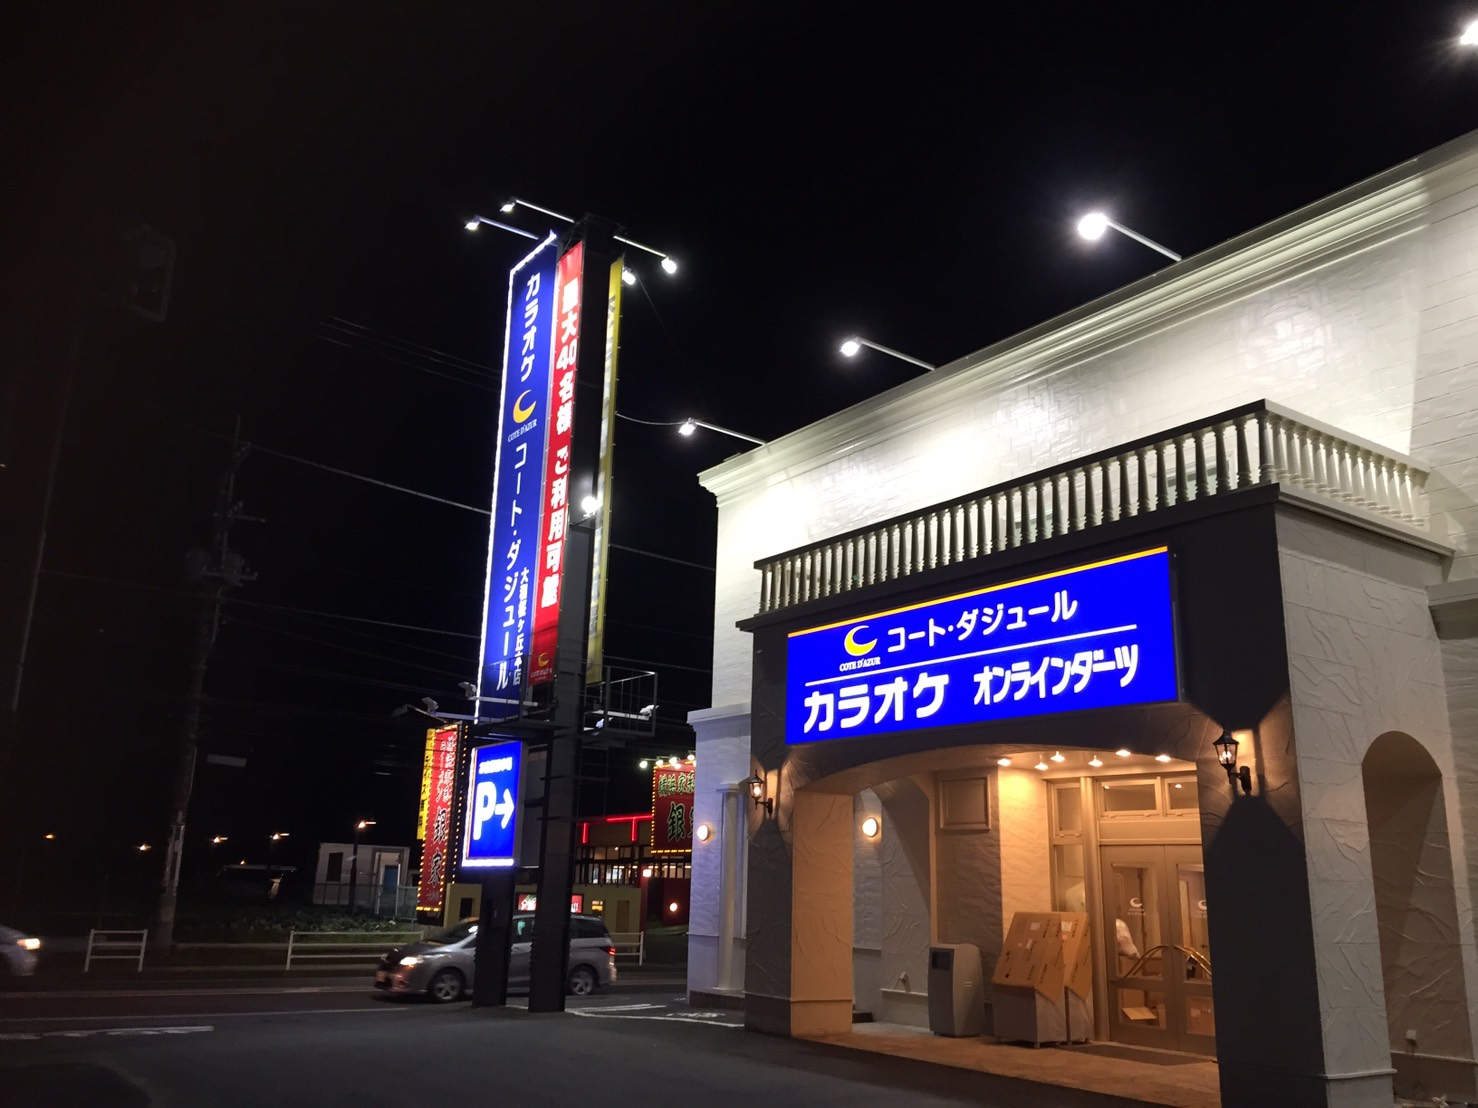 看板製作実績 Archives – 長野県内看板工事は松本市のアート ...